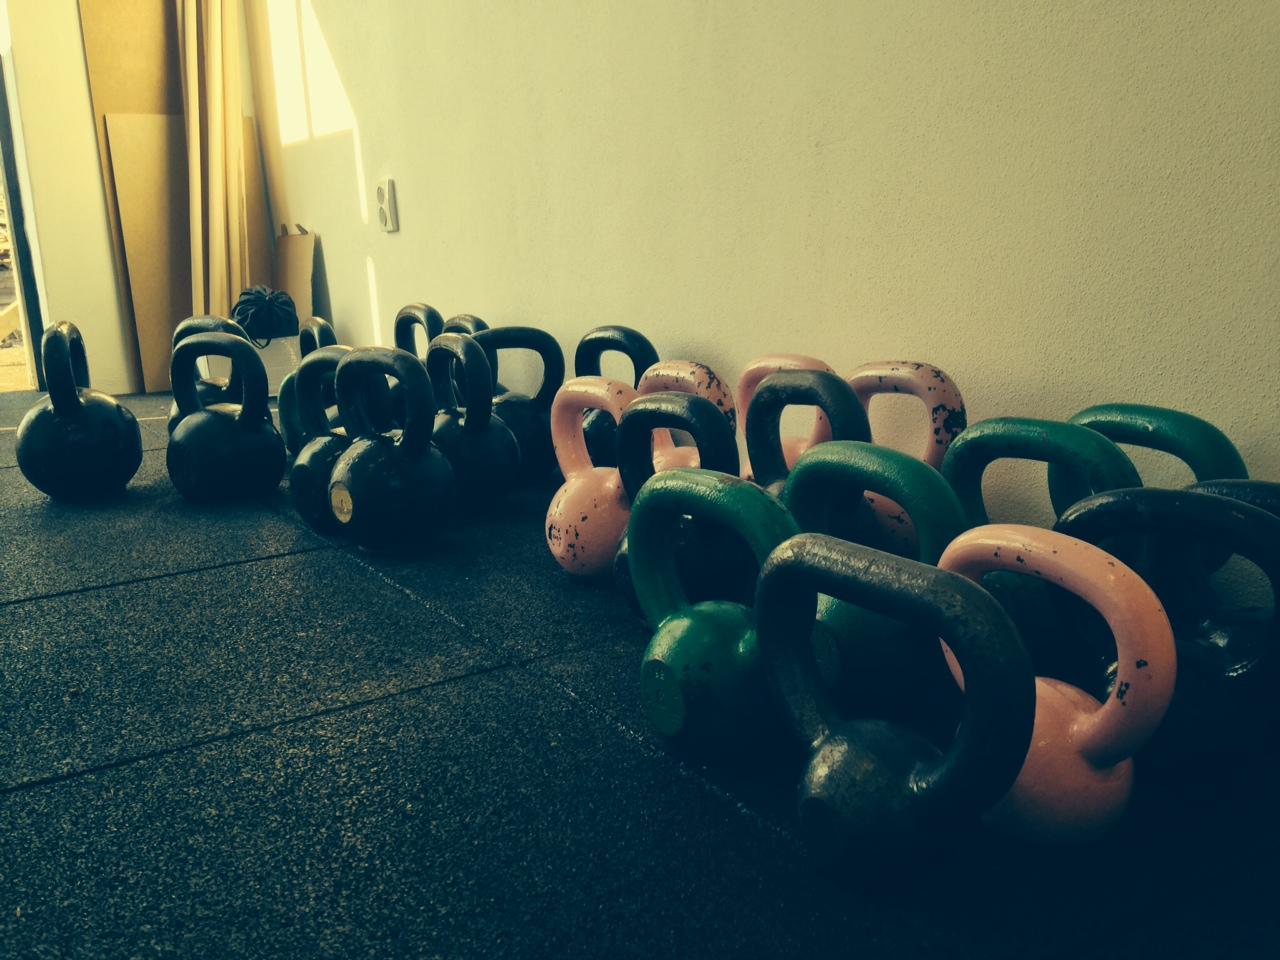 Kettlebelly sú tradičnou cvičebnou pomôckou pri funkčnom tréningu.